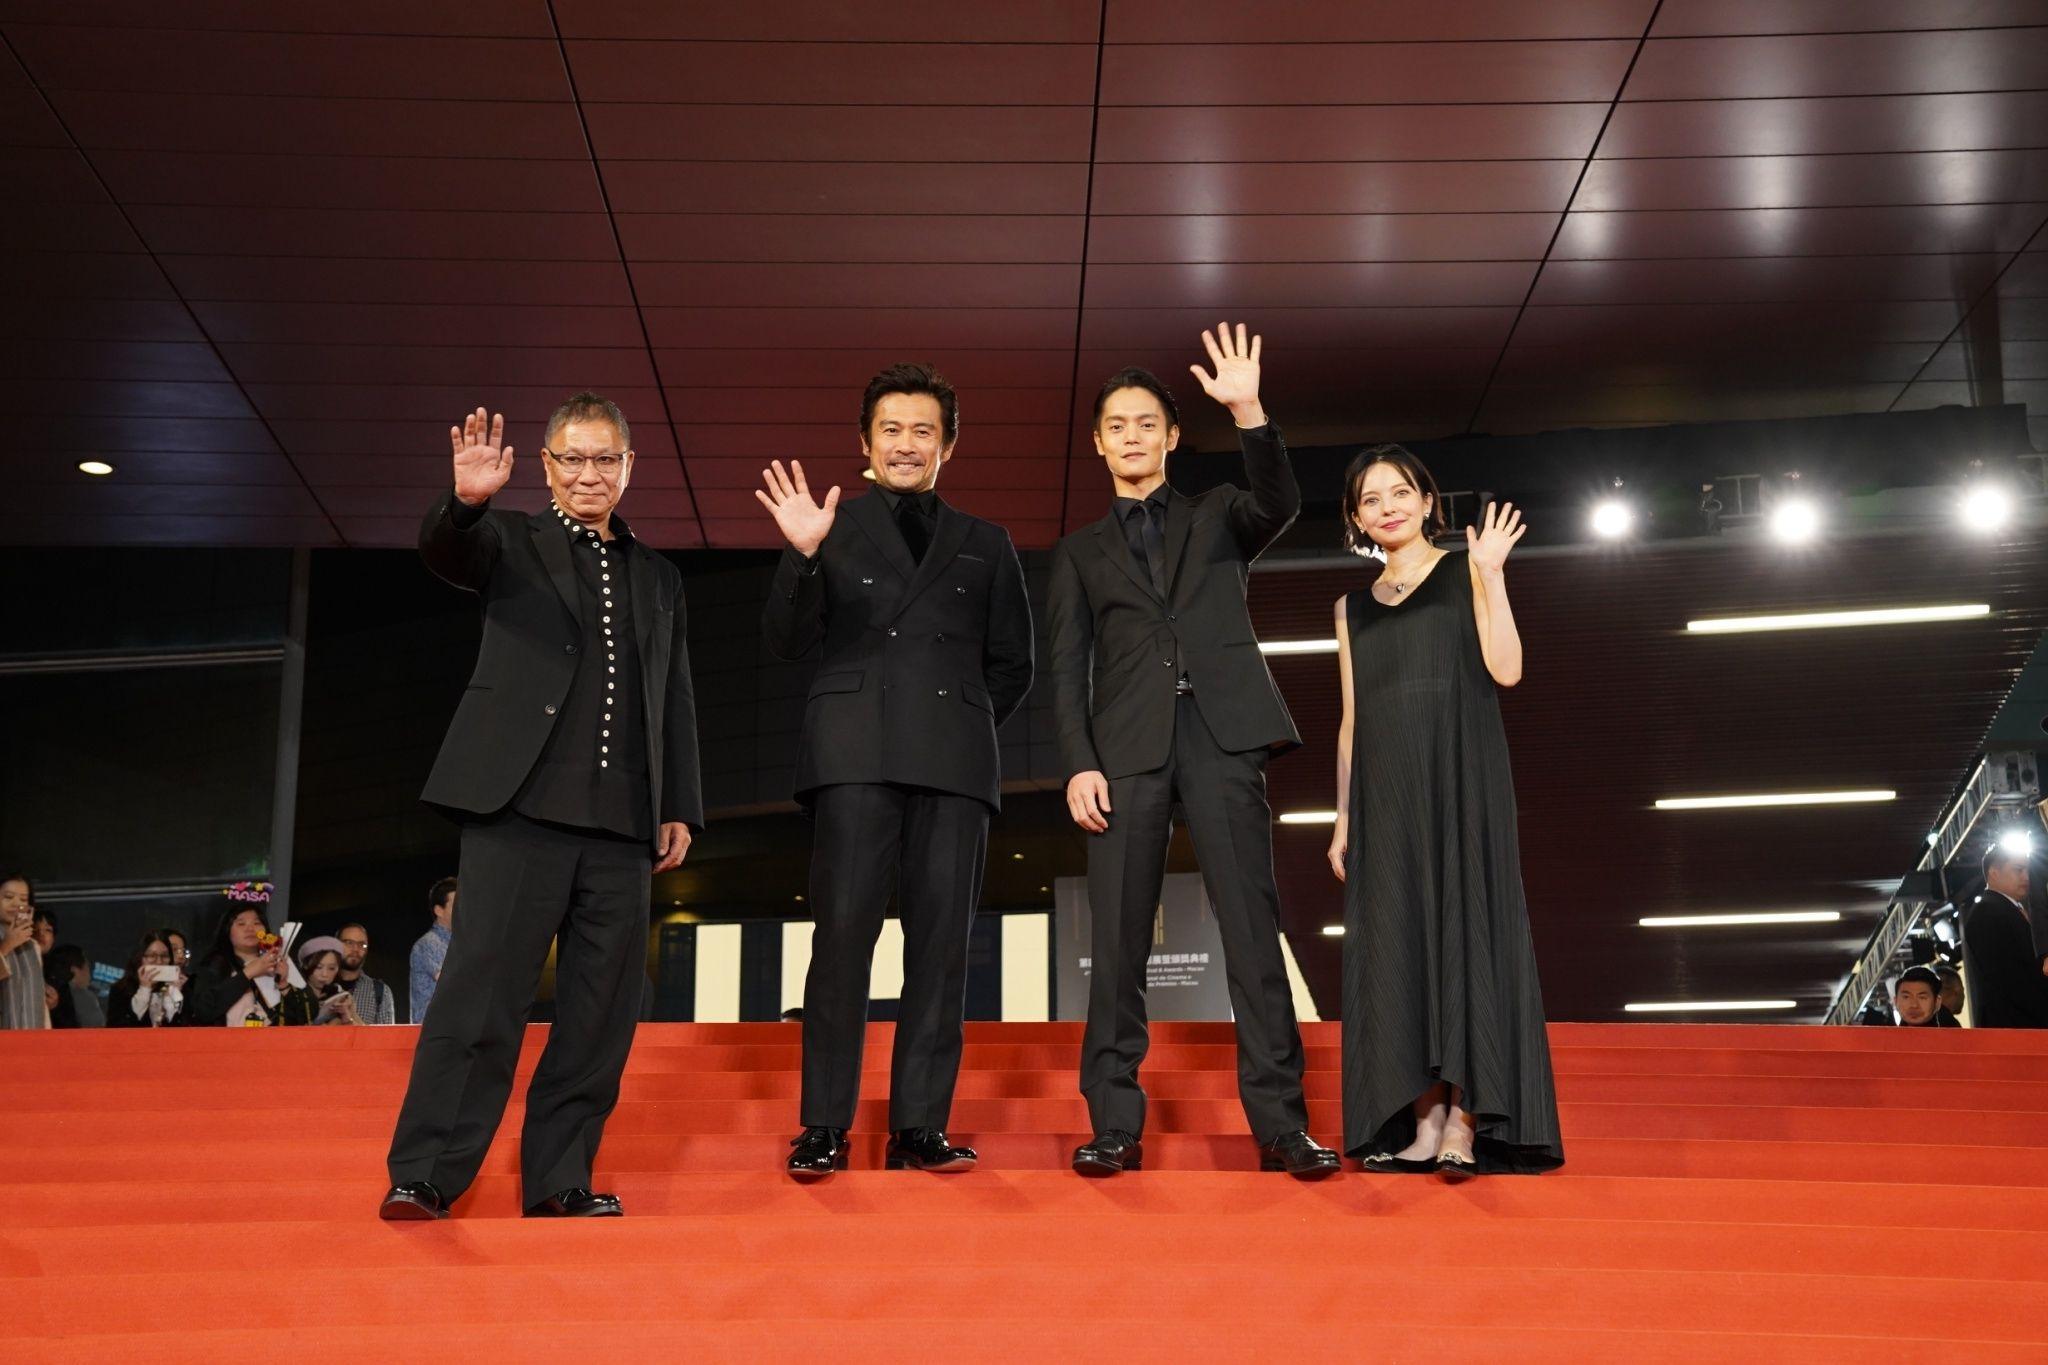 窪田正孝主演!映画『初恋』世界が大熱狂!海外映画祭凱旋様子を収めた特別映像公開